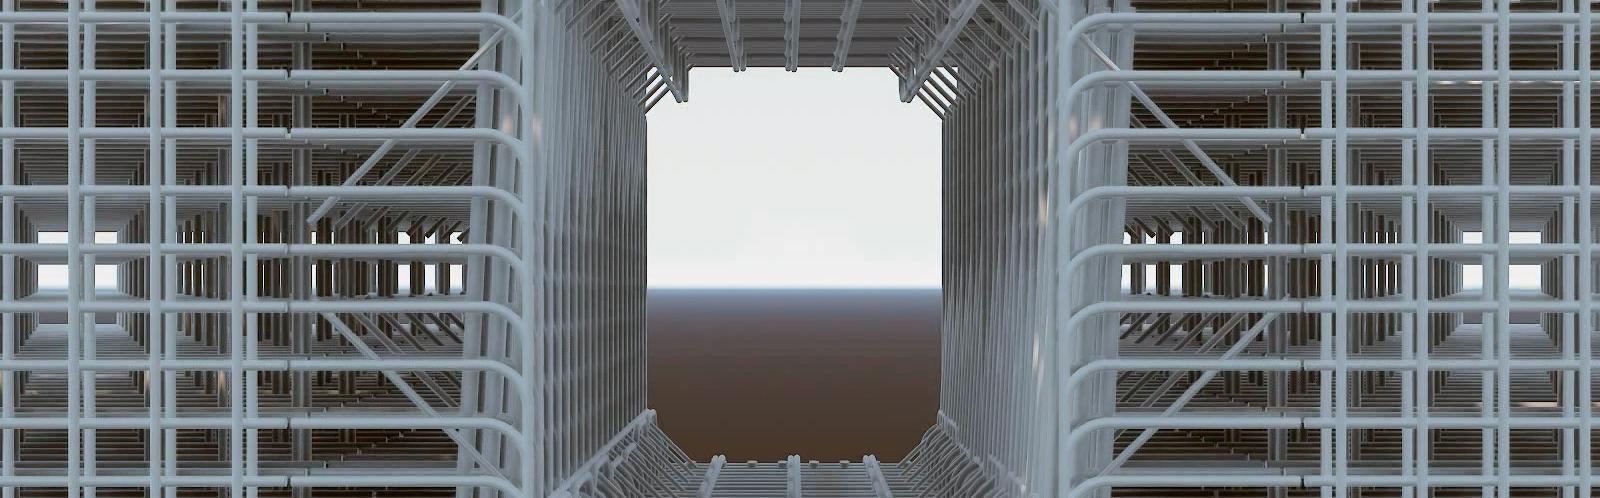 detallado-metalico